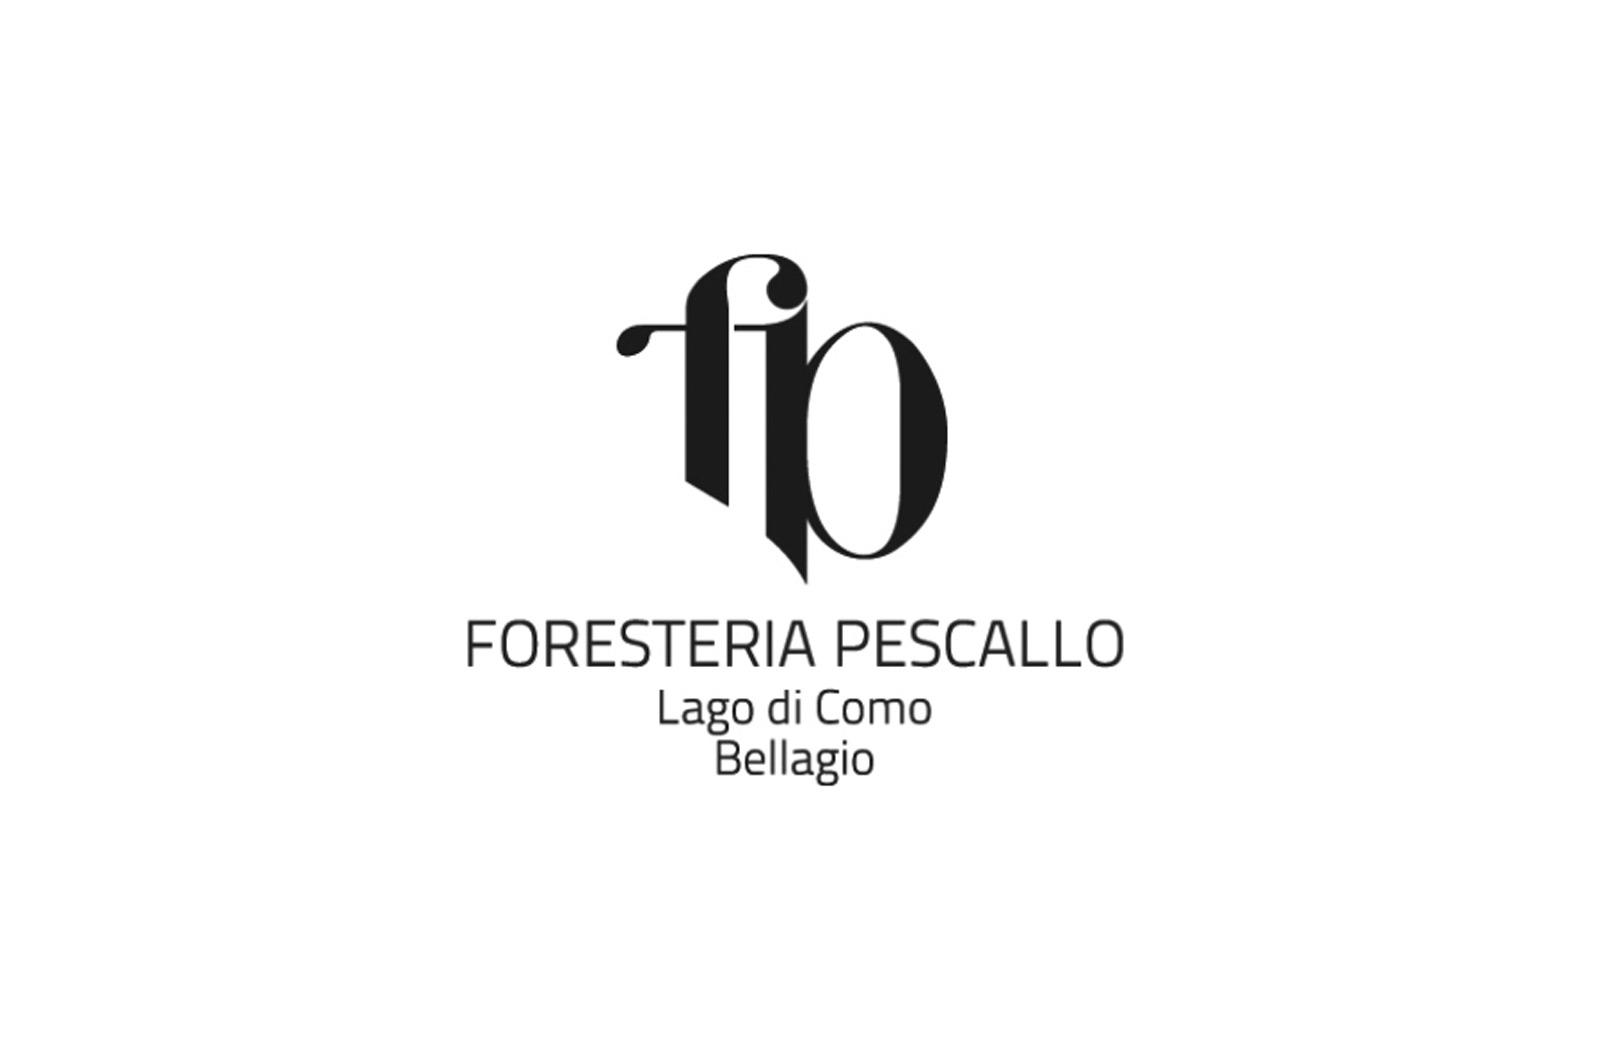 FORESTERIA PESCALLO